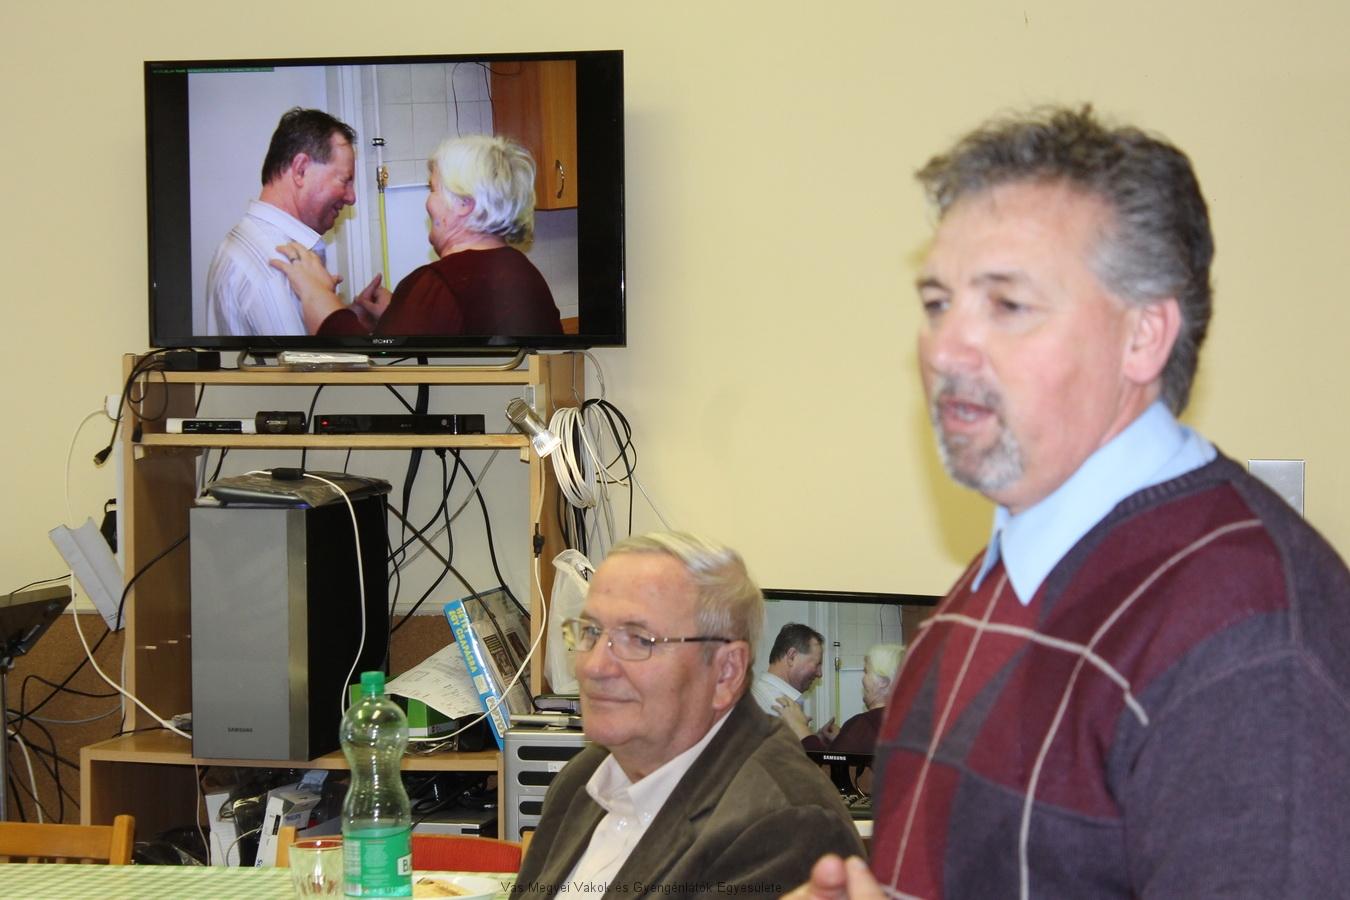 Bősze György, jelenlegi elnök, megnyitja az ünnepséget. Csider Sándor ül az asztalnál. Háttérben a TV-n Kopcsándi Gyula által készített korábbi kép látható, Kopcsándiné Zsuzsa és Horváth József táncolnak.